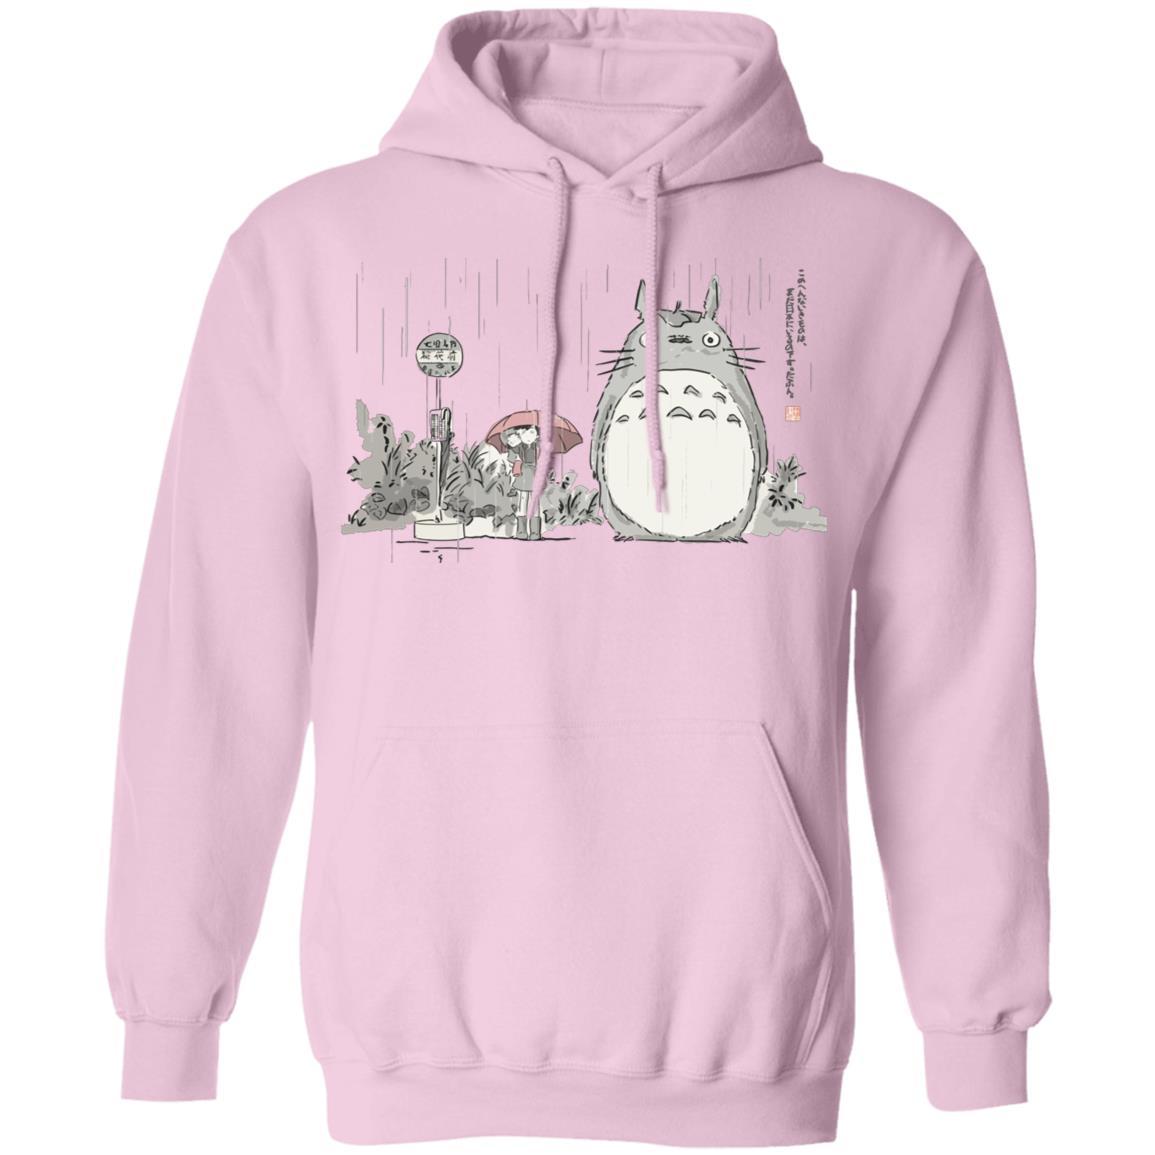 Totoro At The Bus Stop Hoodie